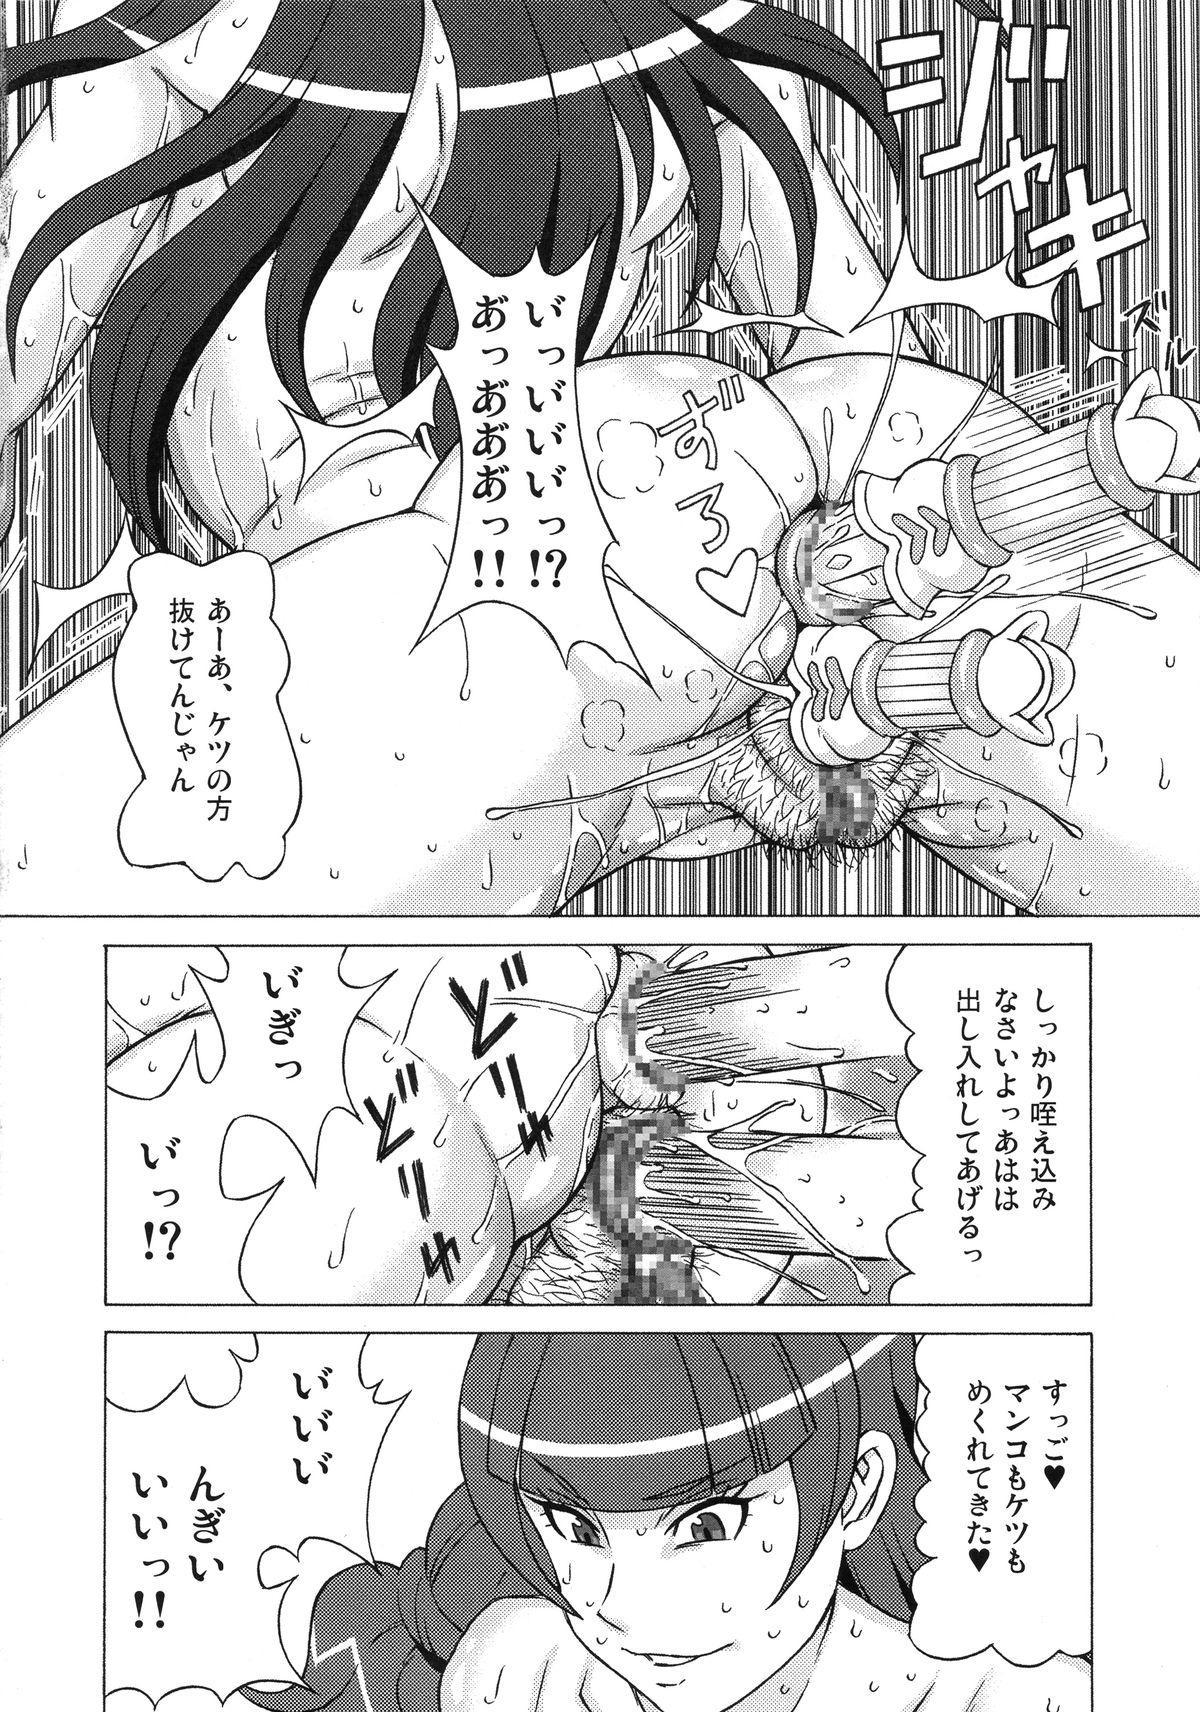 Kaidou Minami to Amanogawa Kirara ni Iroiro Shitemita. 42